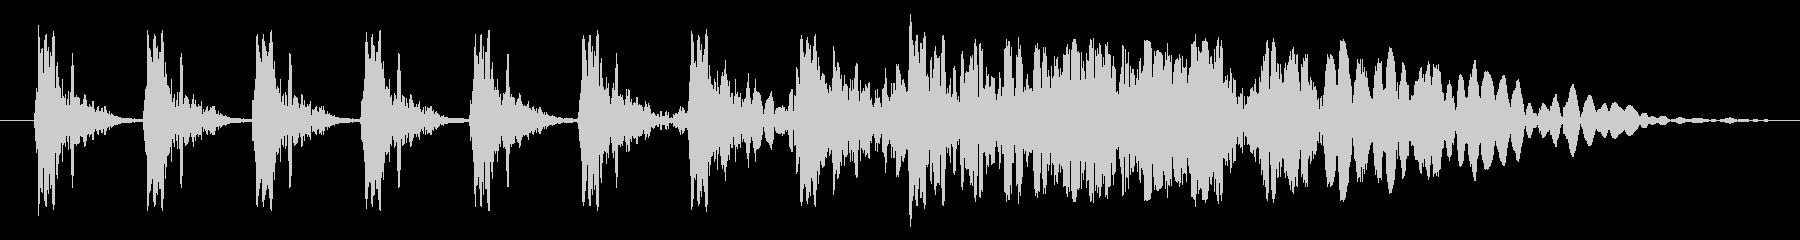 クイック厚いSt音ヒューシュー1の未再生の波形